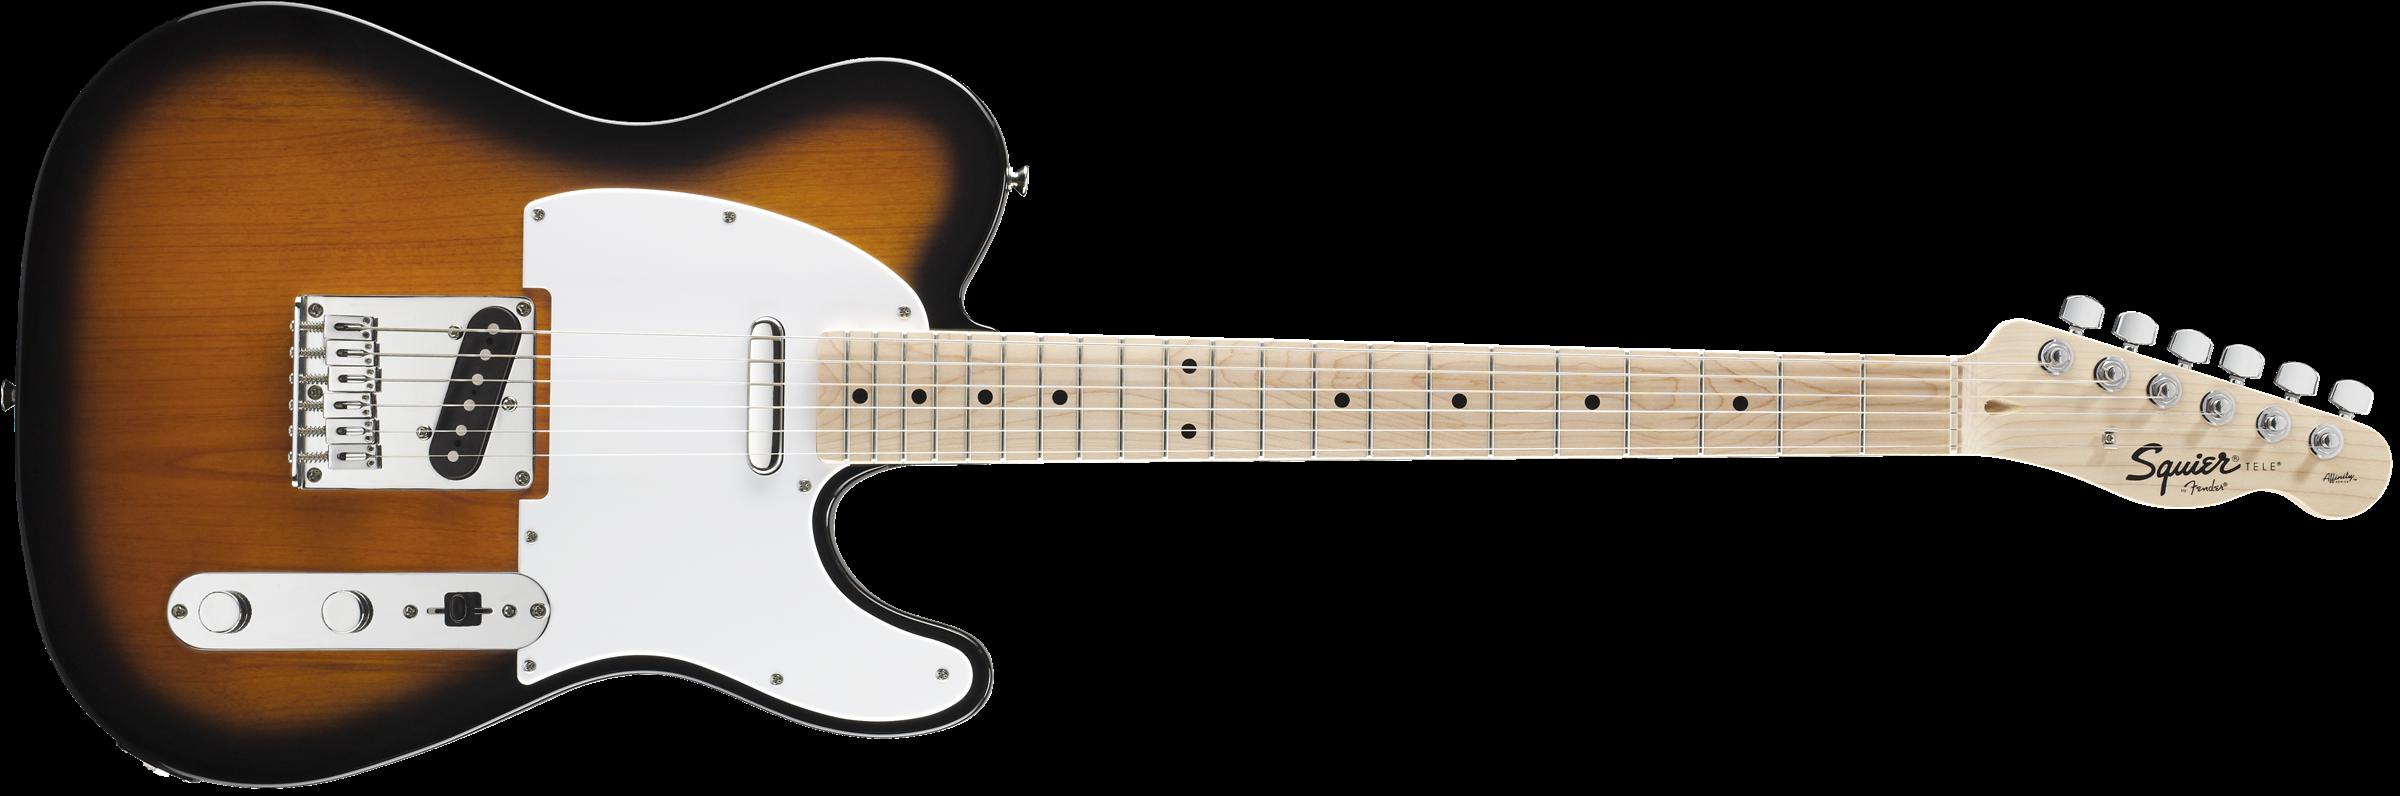 buy squier by fender affinity telecaster electric guitar starter pack 2 2 tone sunburst. Black Bedroom Furniture Sets. Home Design Ideas